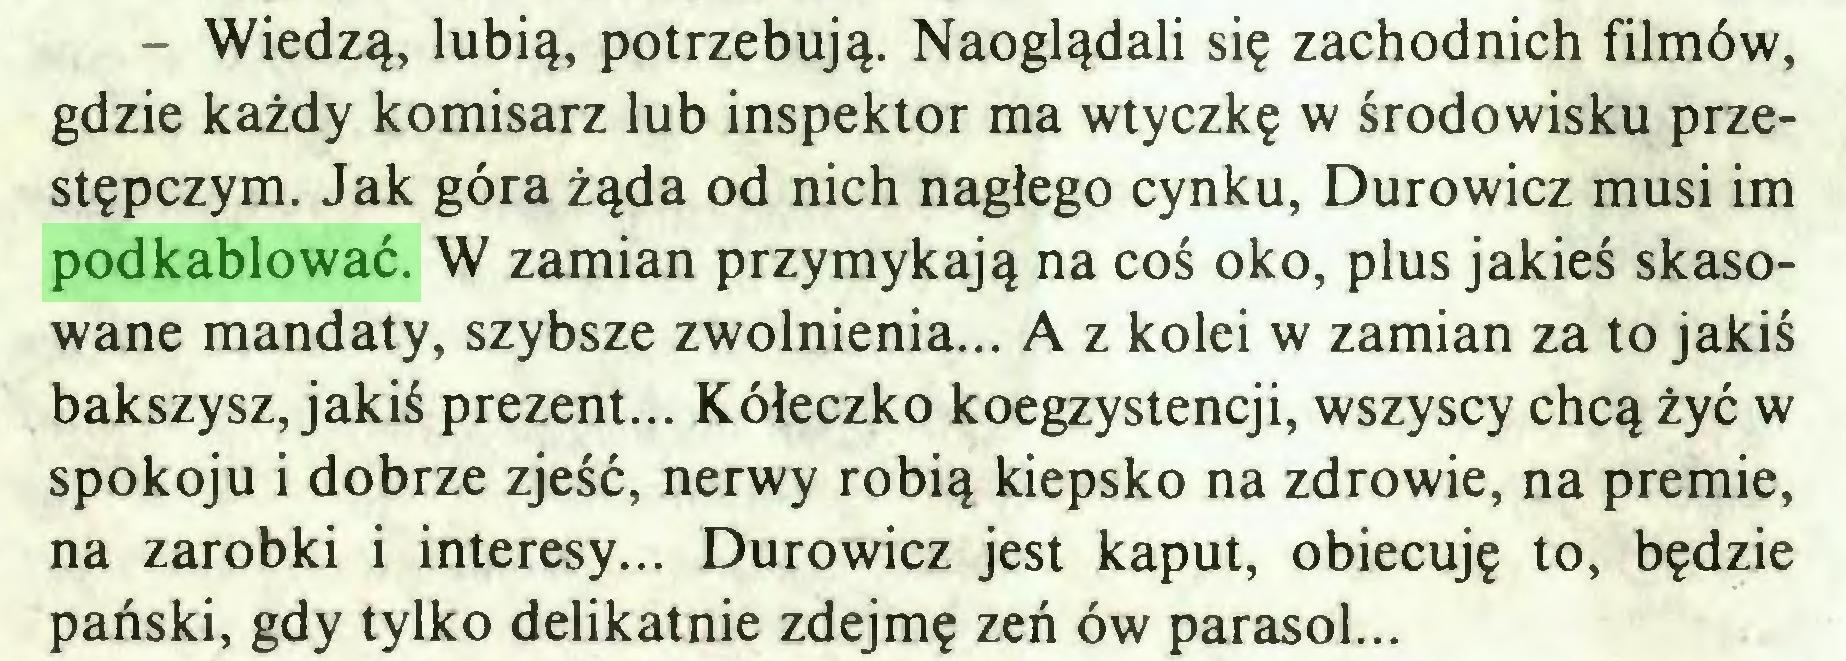 (...) - Wiedzą, lubią, potrzebują. Naoglądali się zachodnich filmów, gdzie każdy komisarz lub inspektor ma wtyczkę w środowisku przestępczym. Jak góra żąda od nich nagłego cynku, Durowicz musi im podkablować. W zamian przymykają na coś oko, plus jakieś skasowane mandaty, szybsze zwolnienia... A z kolei w zamian za to jakiś bakszysz, jakiś prezent... Kółeczko koegzystencji, wszyscy chcą żyć w spokoju i dobrze zjeść, nerwy robią kiepsko na zdrowie, na premie, na zarobki i interesy... Durowicz jest kaput, obiecuję to, będzie pański, gdy tylko delikatnie zdejmę zeń ów parasol...